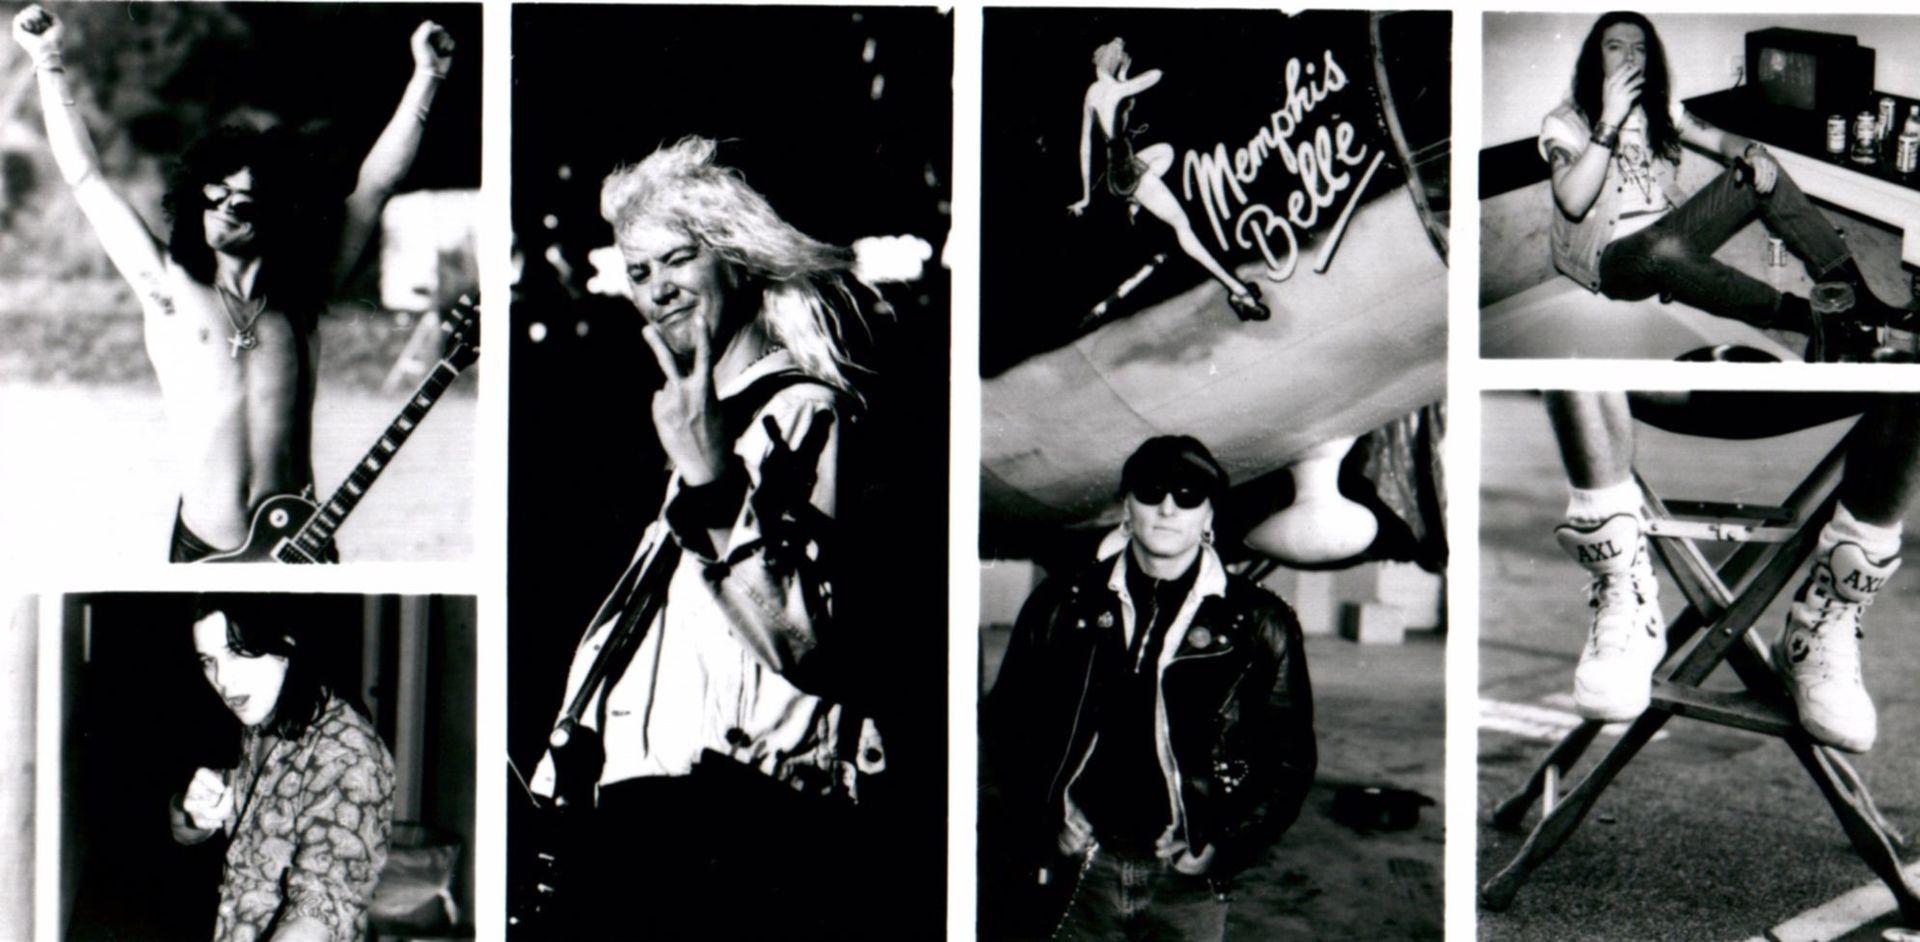 Guns N' Roses 1993